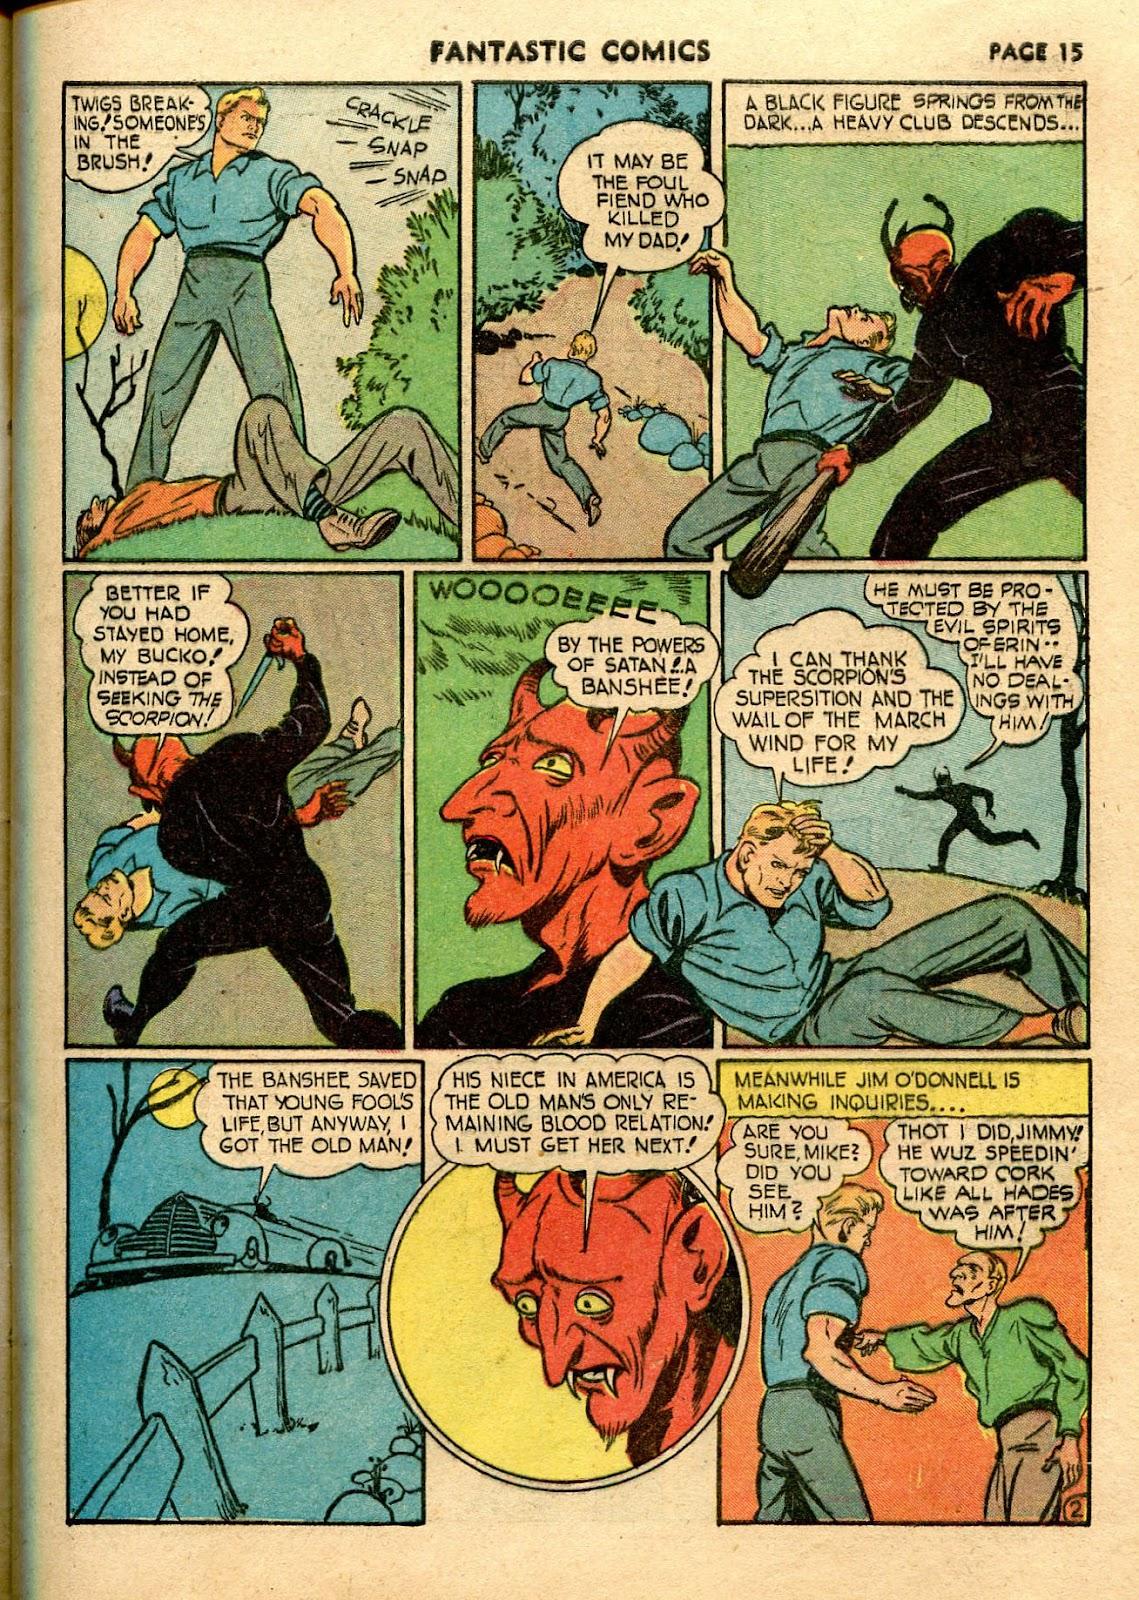 Read online Fantastic Comics comic -  Issue #21 - 17